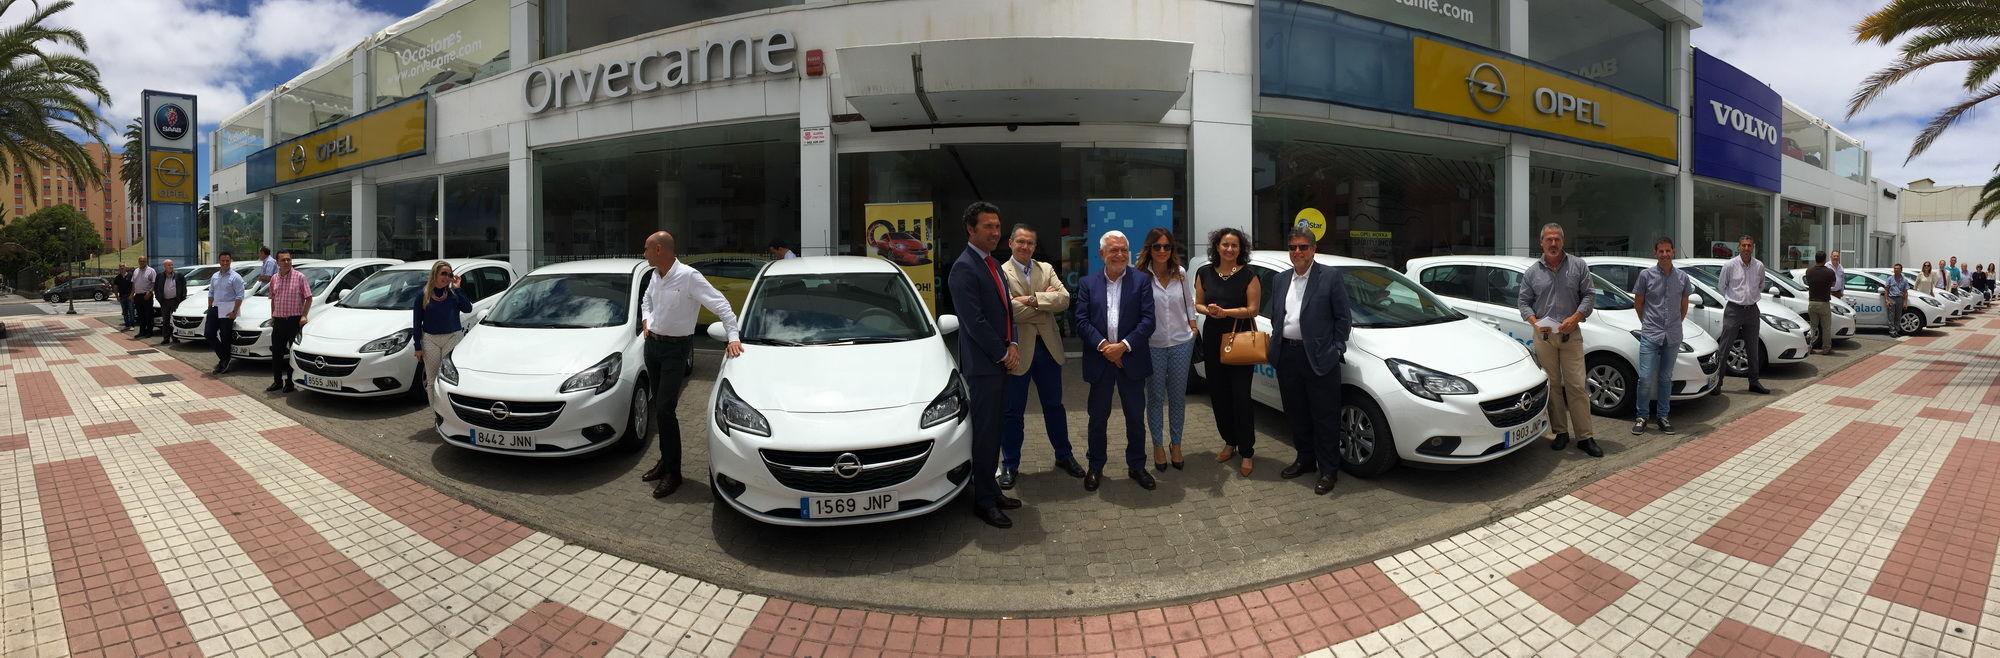 Orvecame hace entrega a Galaco y Cadiex una flota de 58 Opel Corsa GLP Selective